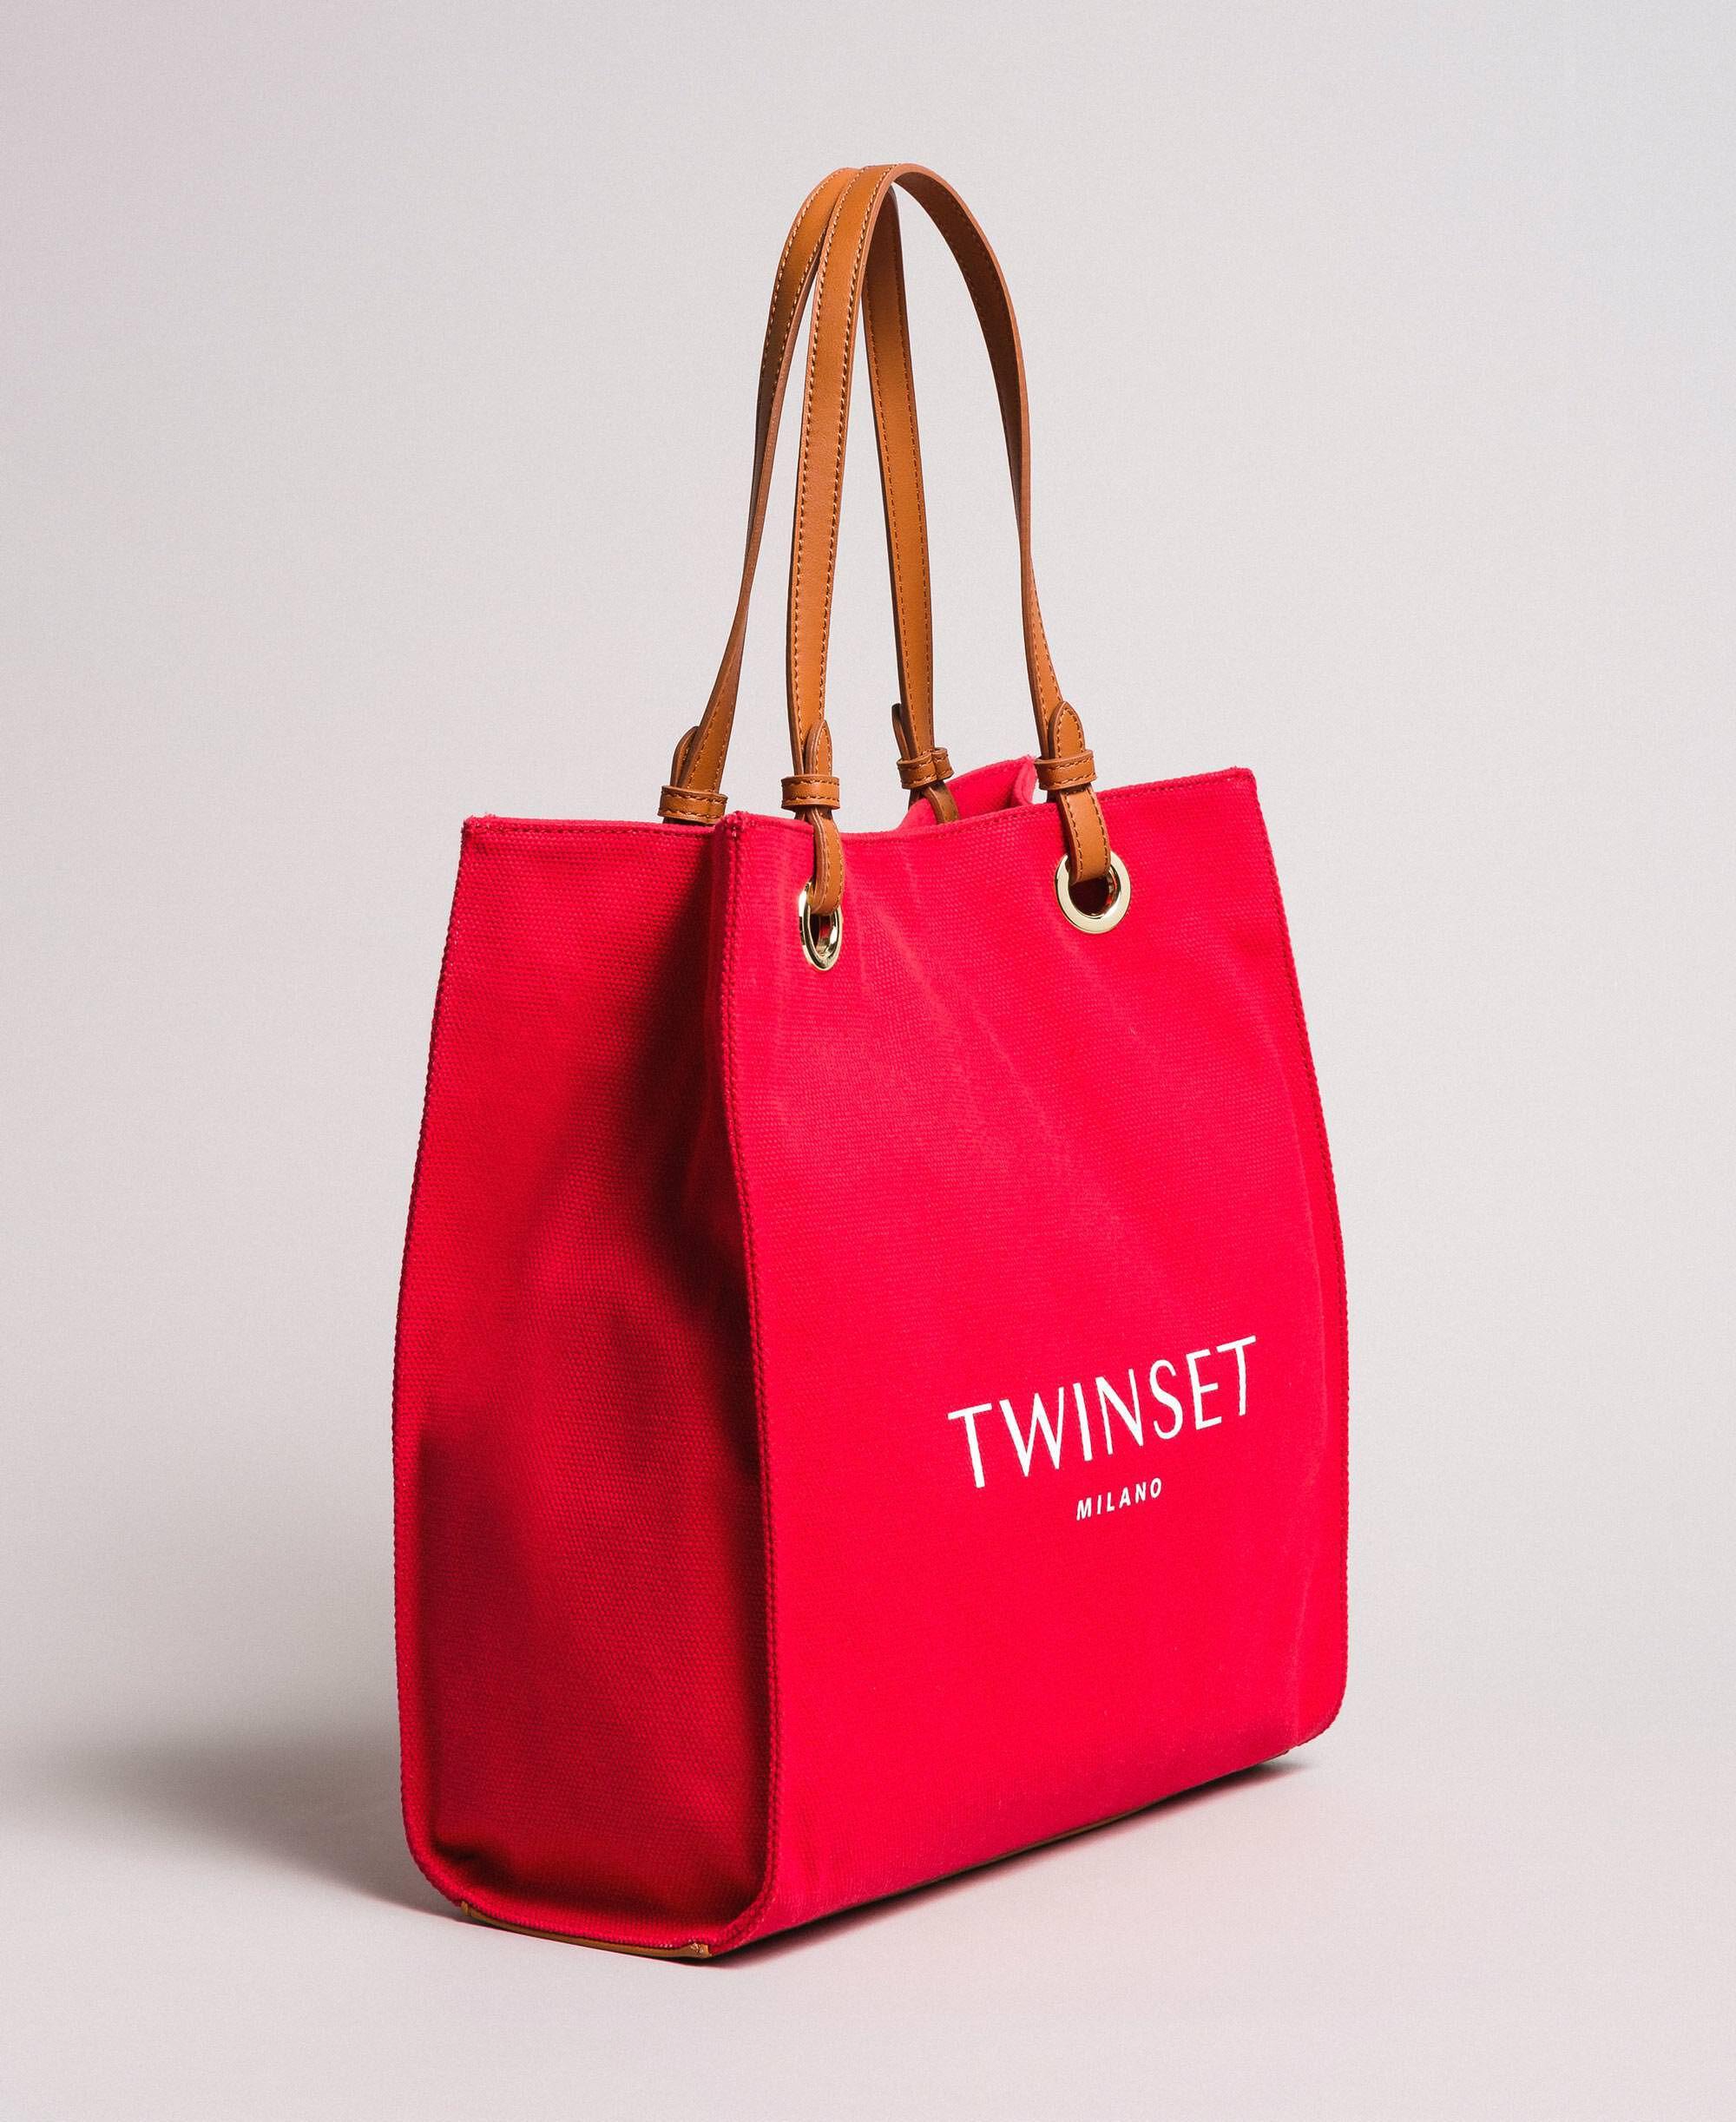 cb6afdd0ec Borsa shopper media in canvas con logo Donna, Rosso | TWINSET Milano